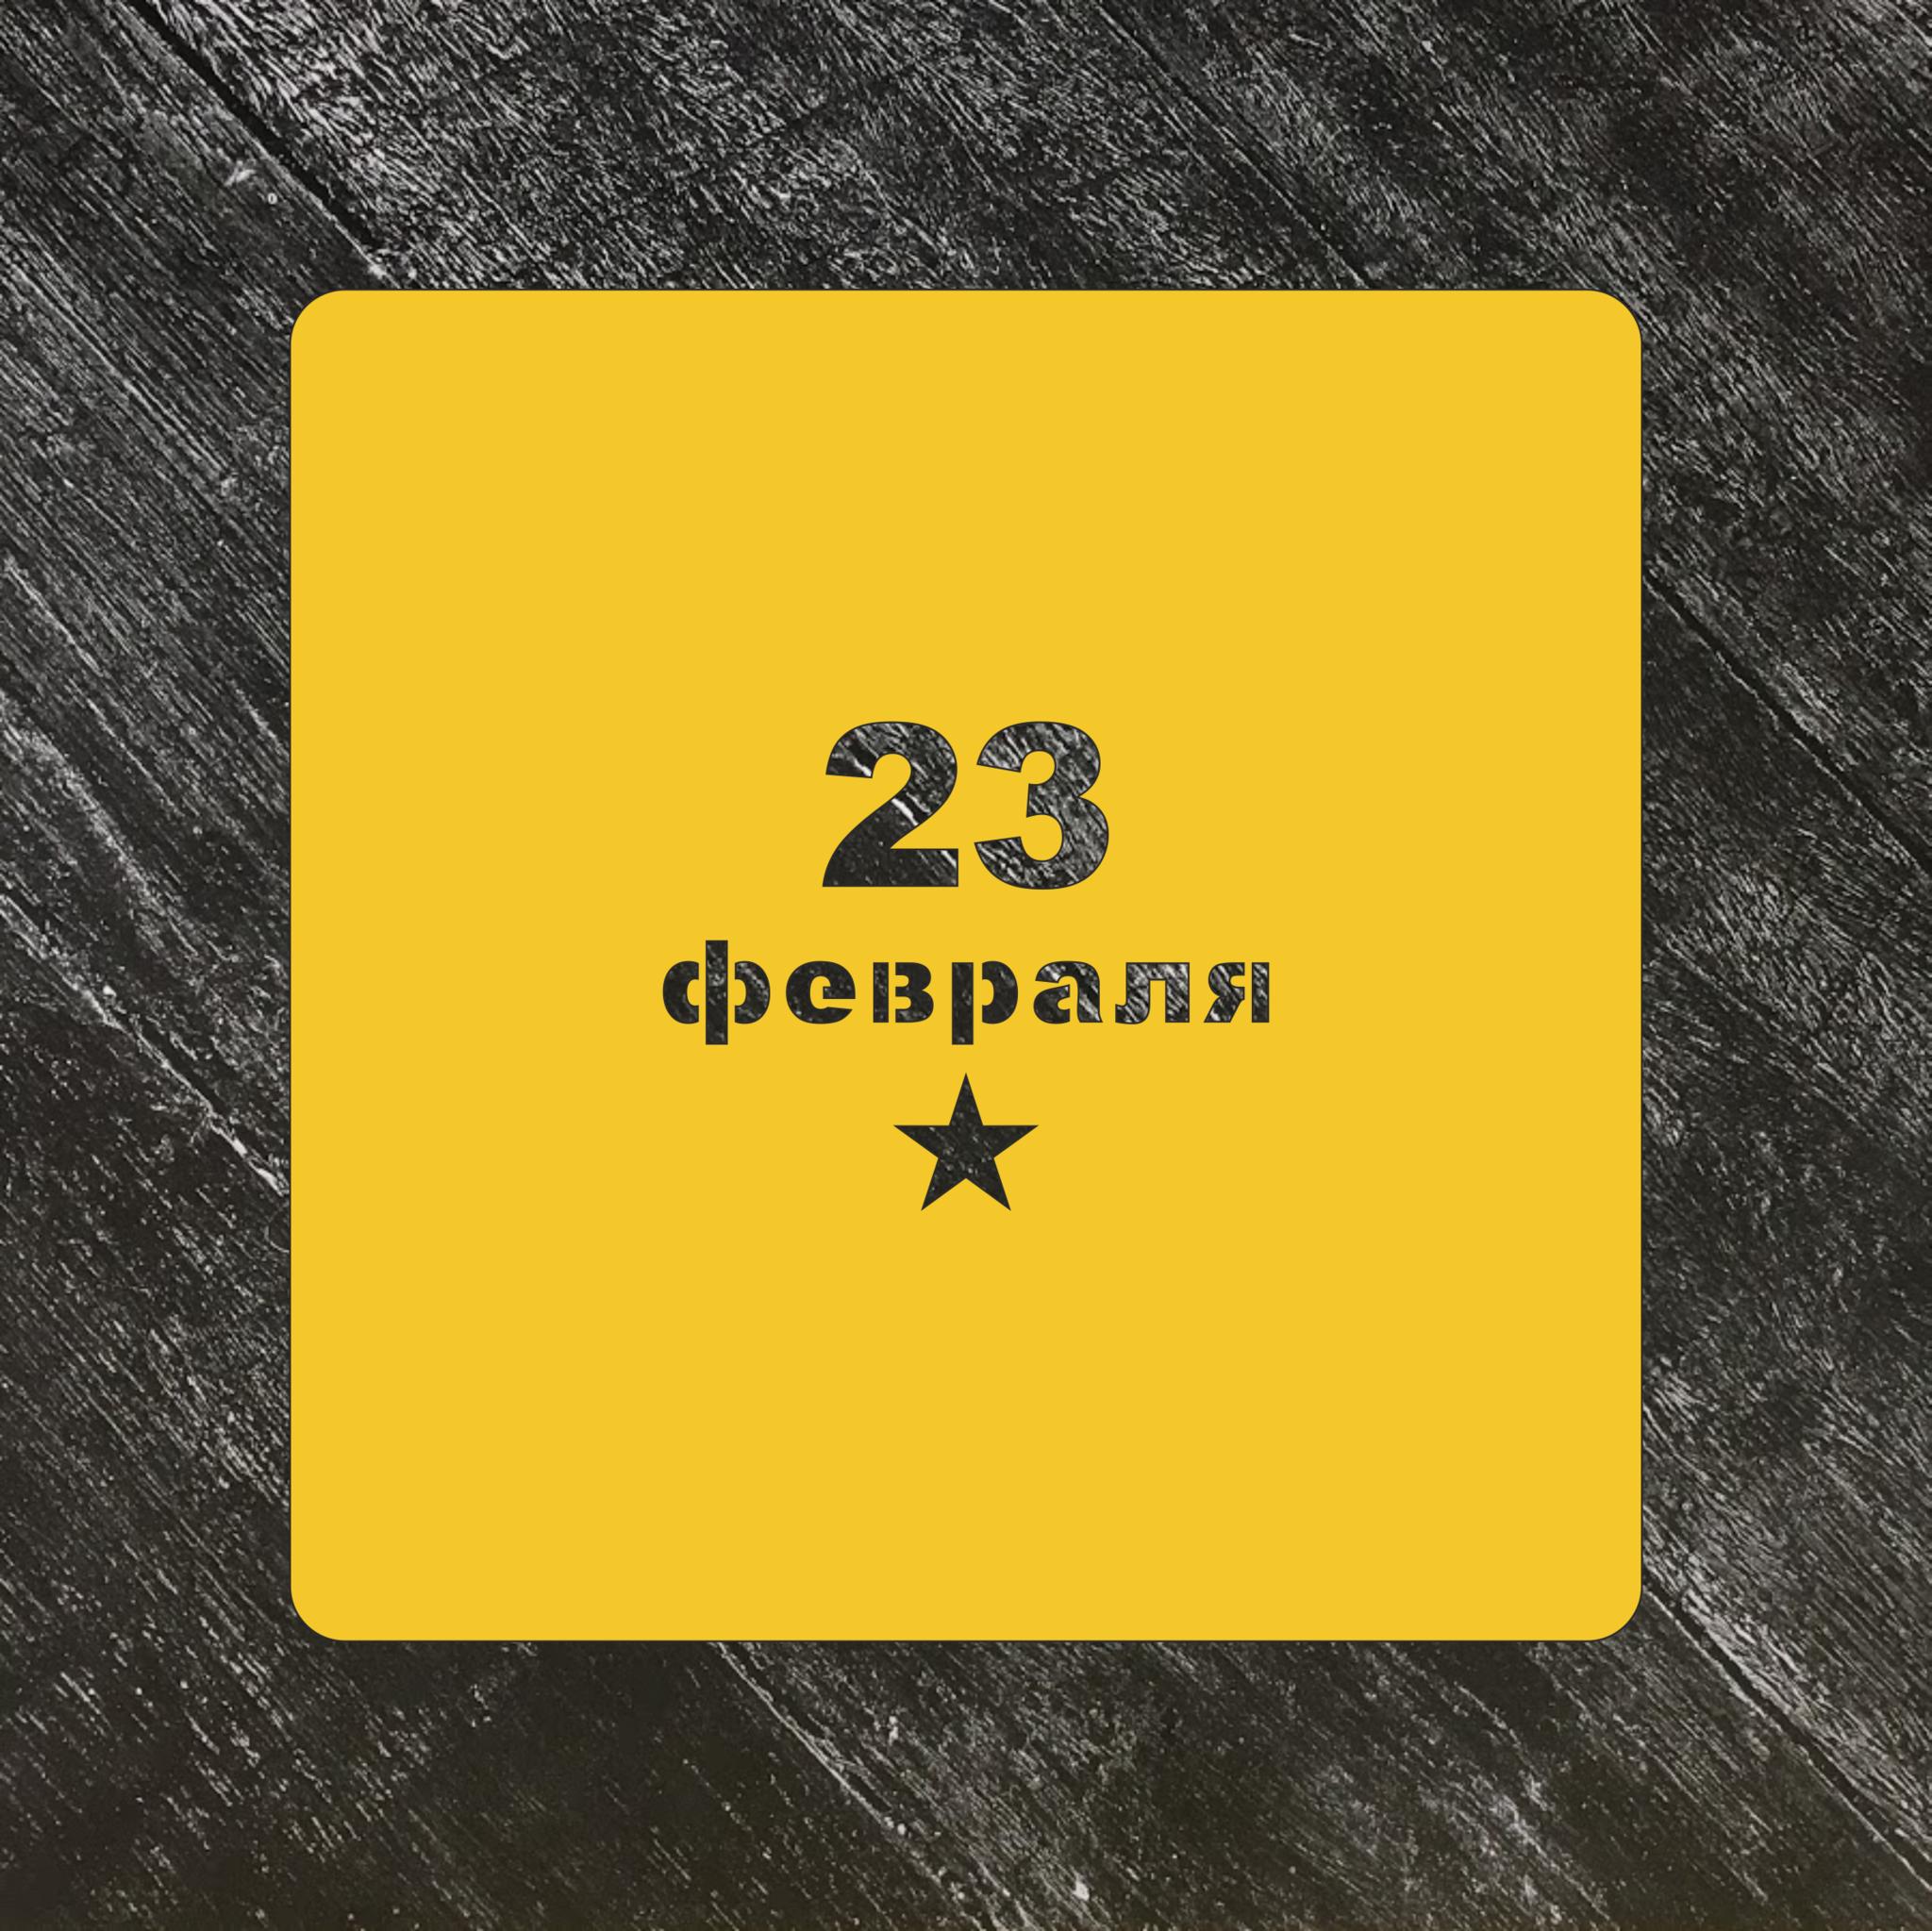 Трафарет 23 февраля №6